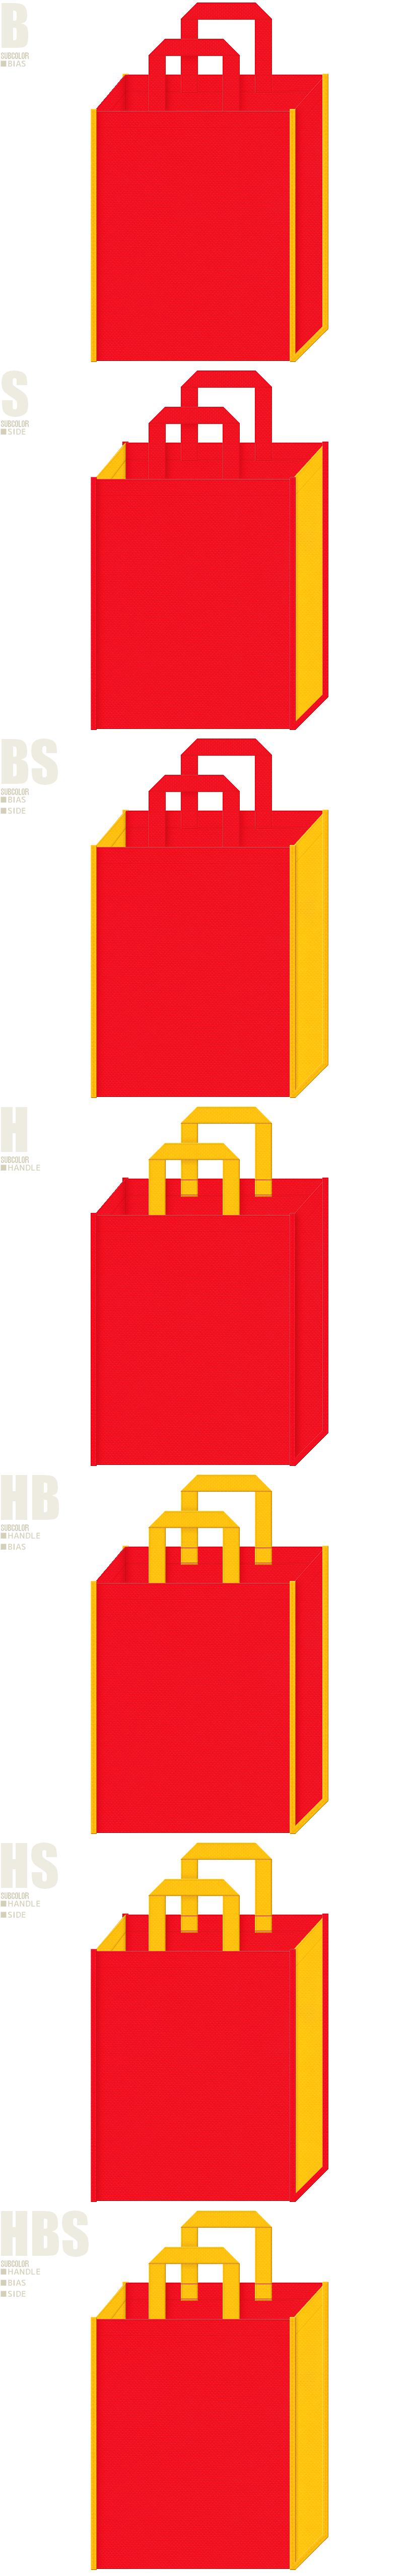 赤色と黄色、7パターンの不織布トートバッグ配色デザイン例。おもちゃ・ゲーム・遊園地・テーマパークのバッグノベルティにお奨めです。